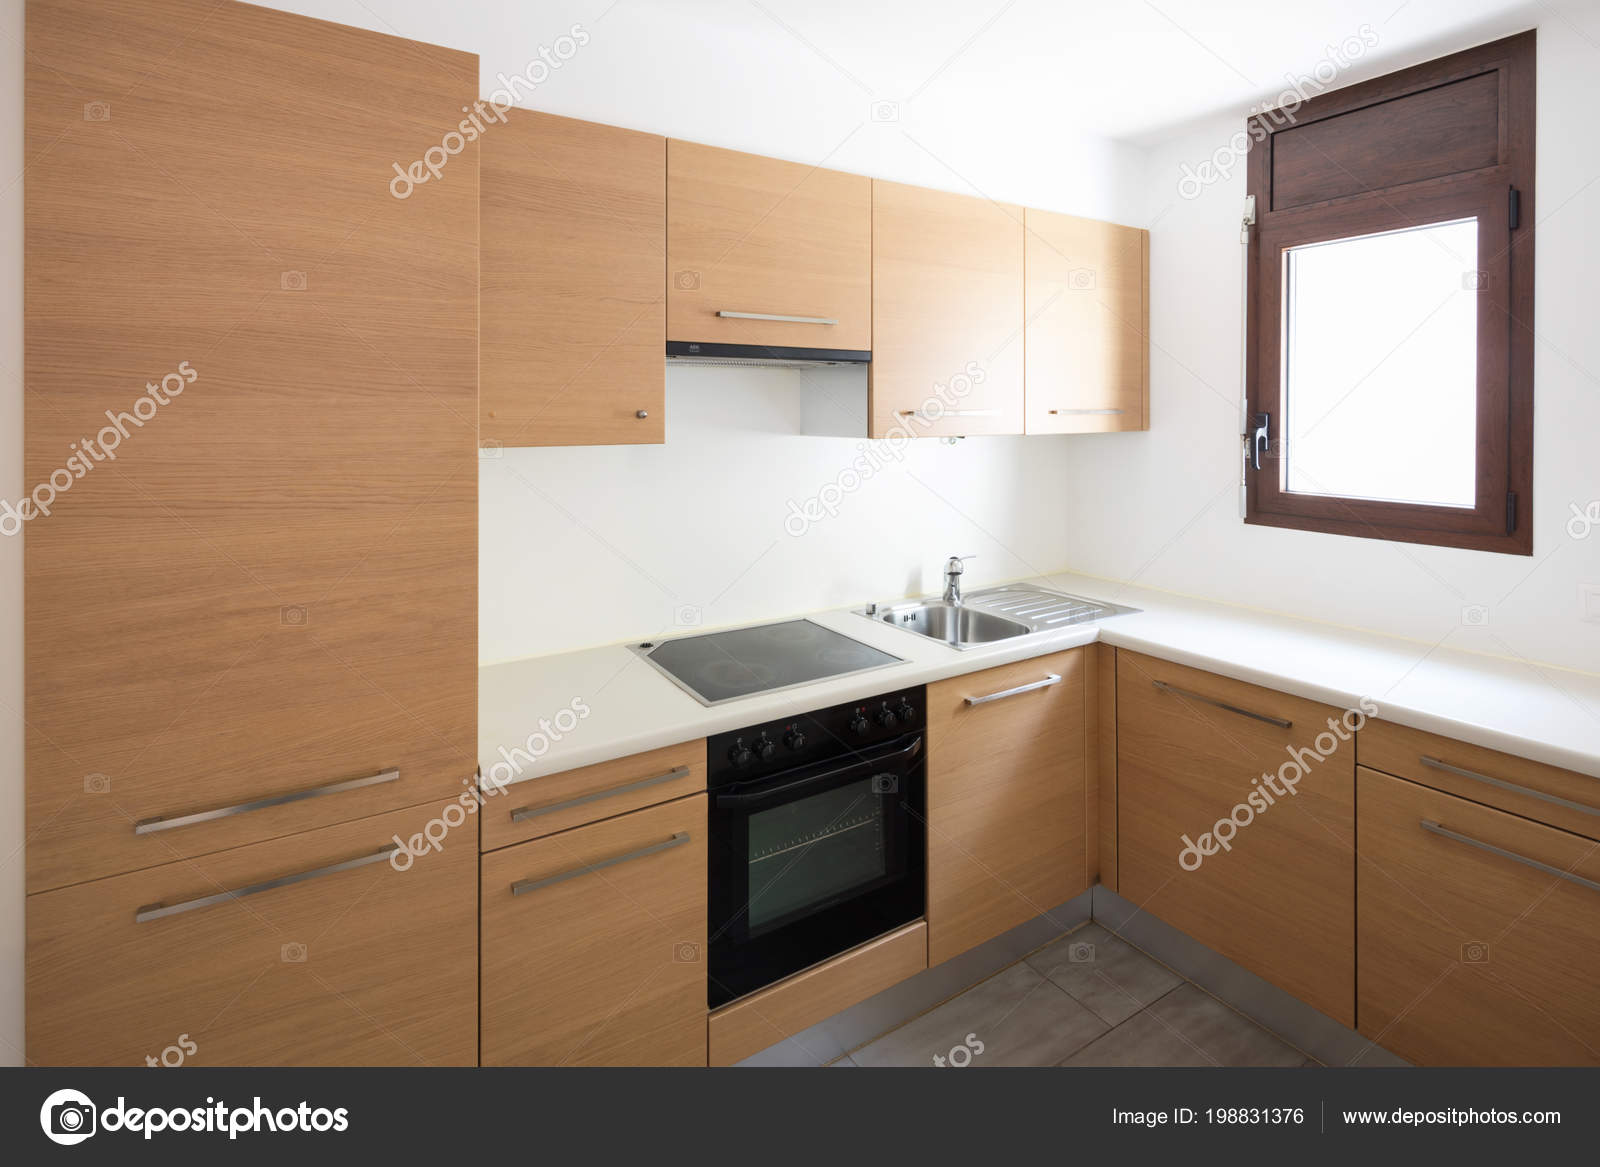 Blickfang Moderne Wände Foto Von Küche Holz Und Weiße Wände Kleines Fenster